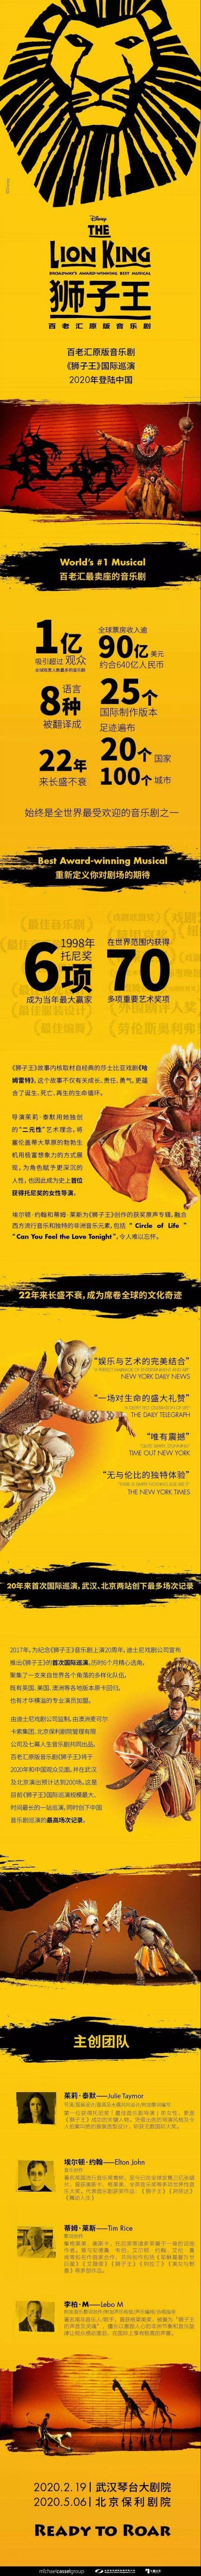 武汉音乐剧《狮子王》购票攻略(时间+看点+购票入口)